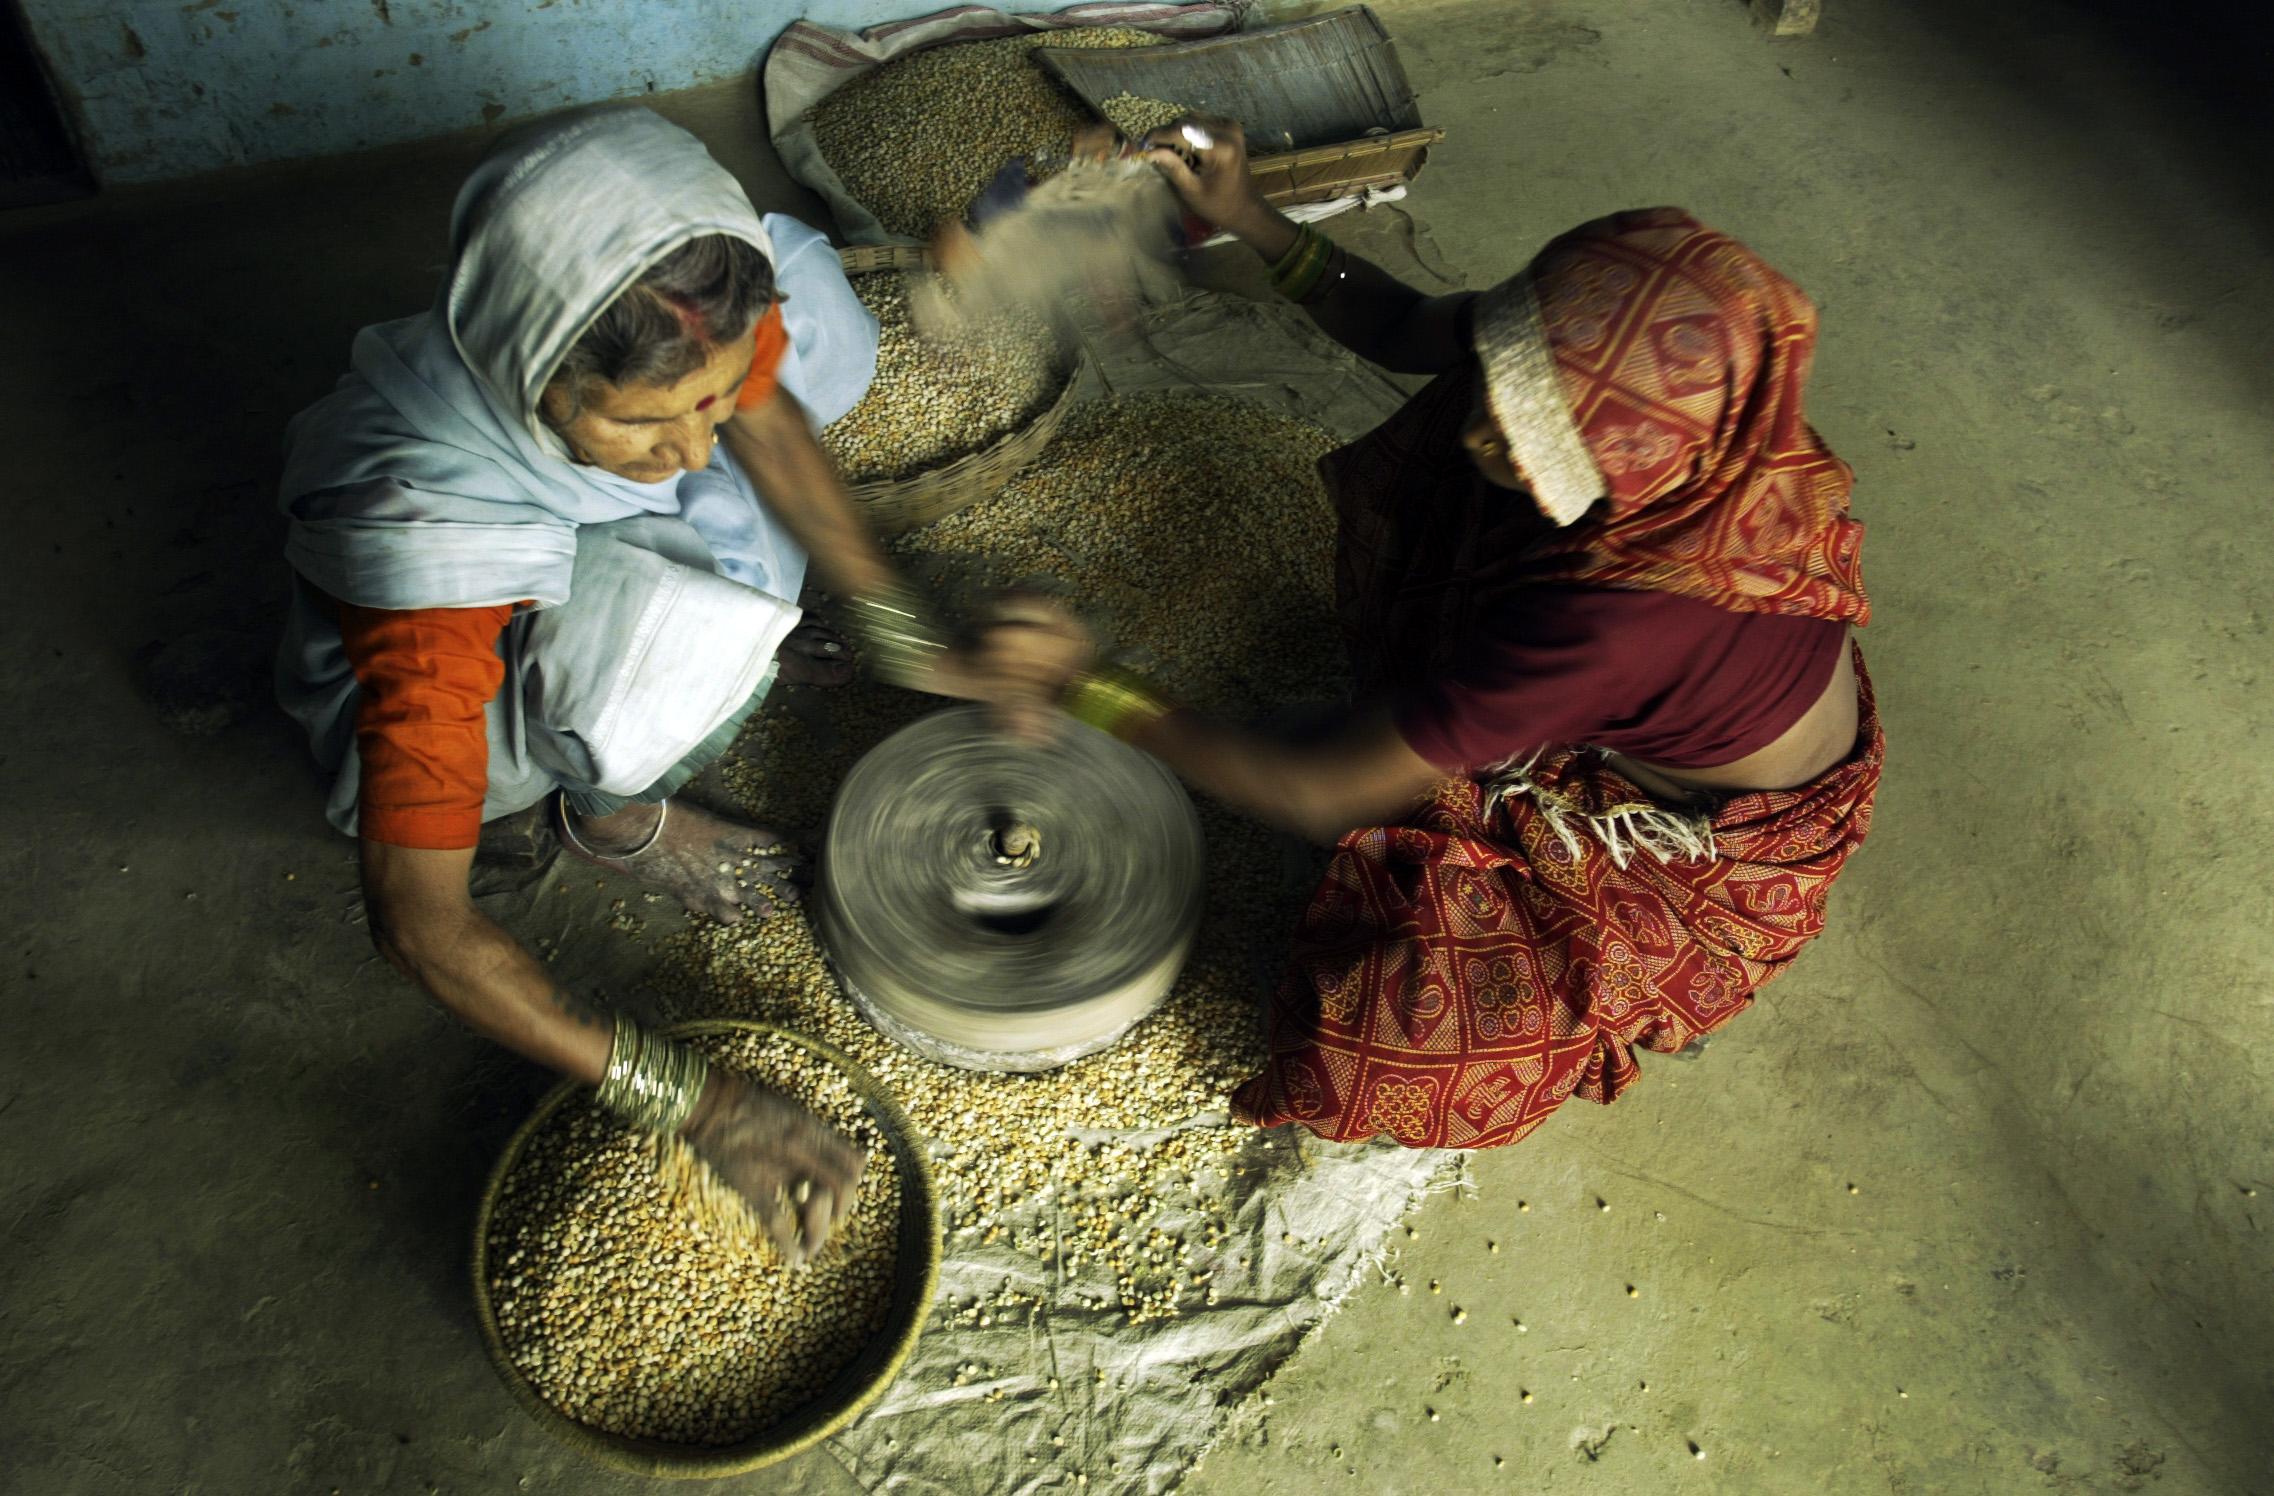 Öko-Landwirtschaft und gesunde Ernährung